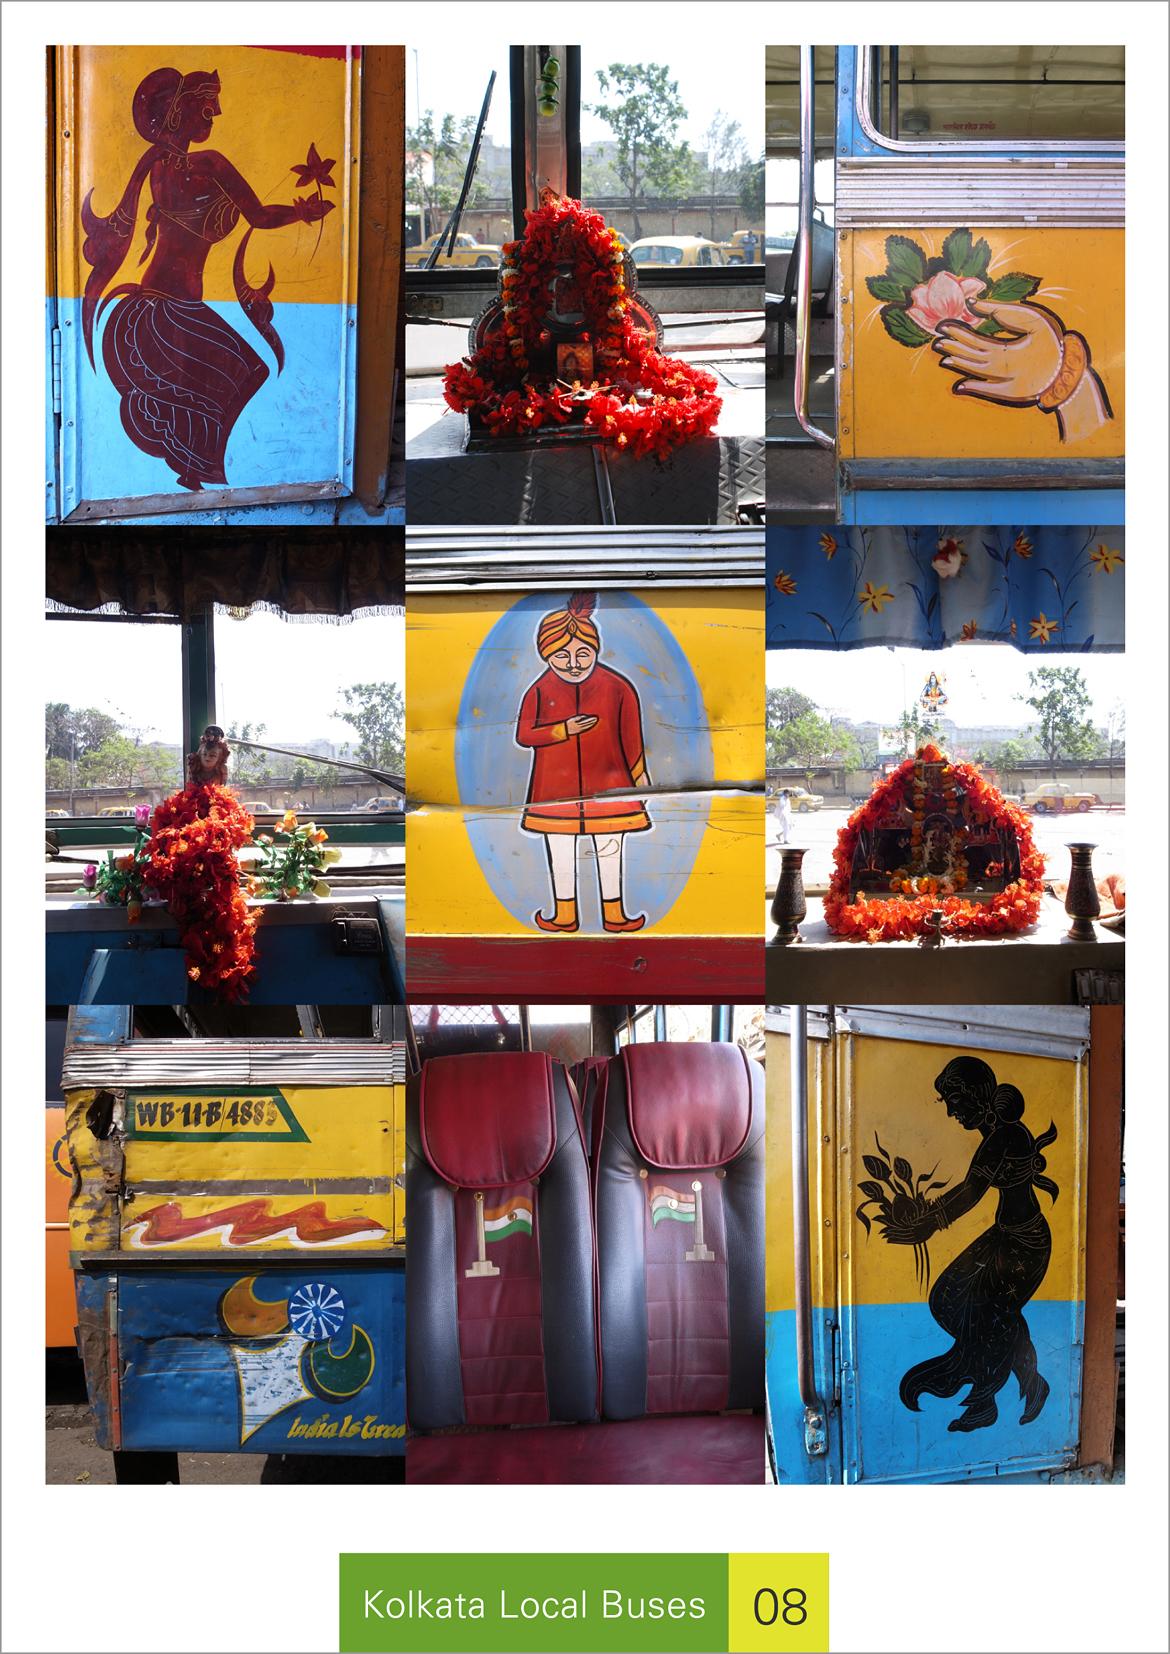 KolkataLocalBus-08a.jpg